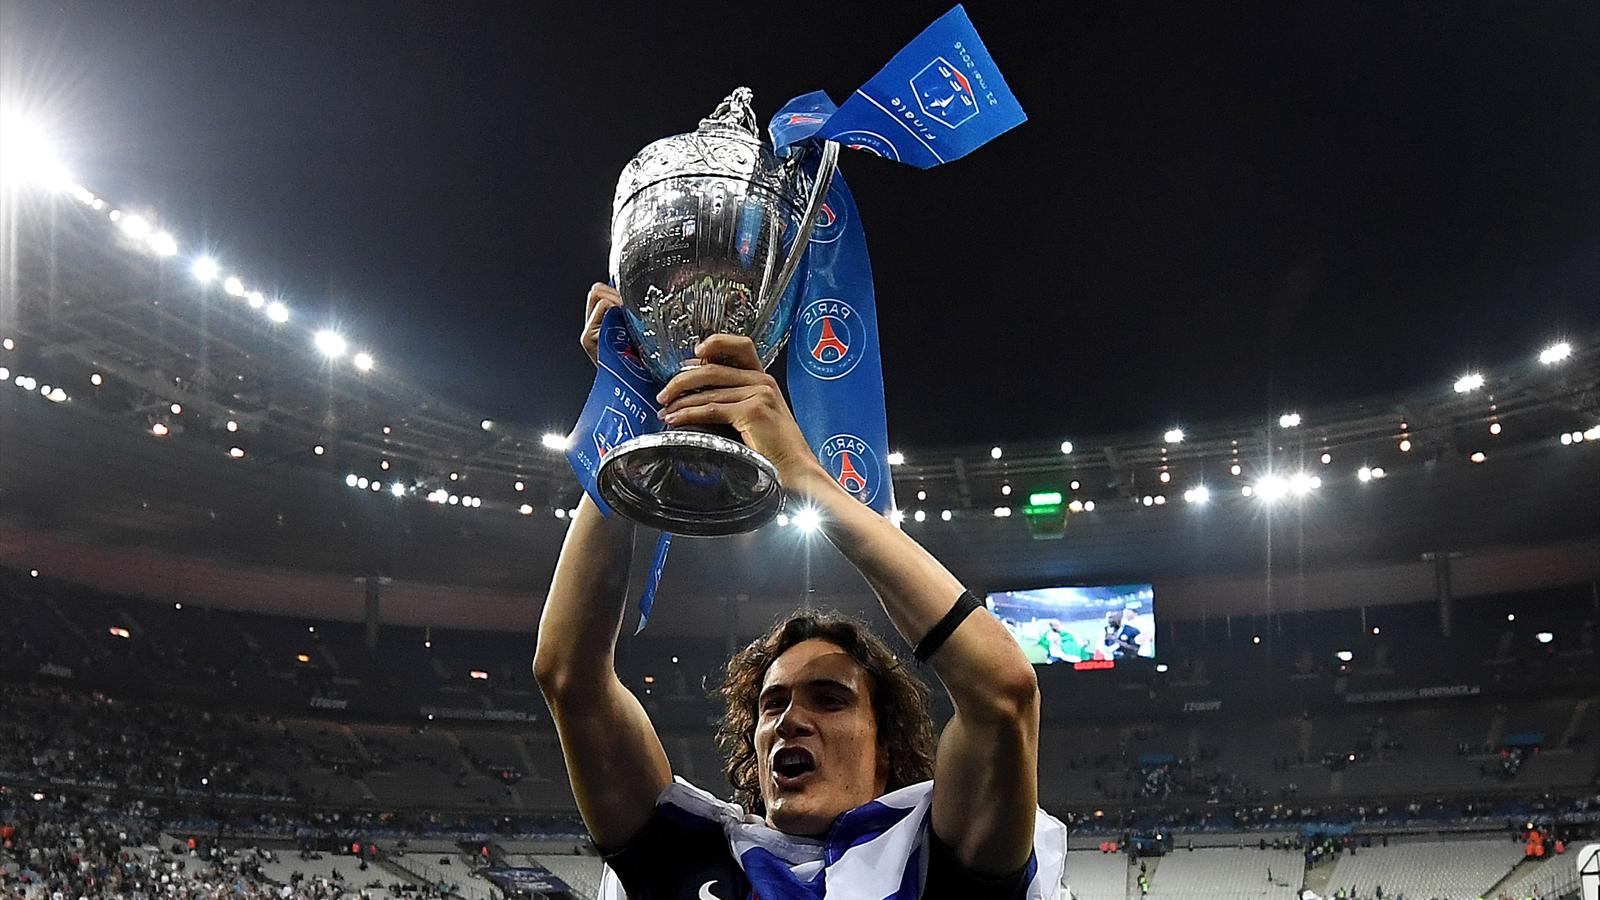 8es de finale de la coupe de france les matches en direct vid o sur eurosport coupe de - Coupe de france en direct france 2 ...